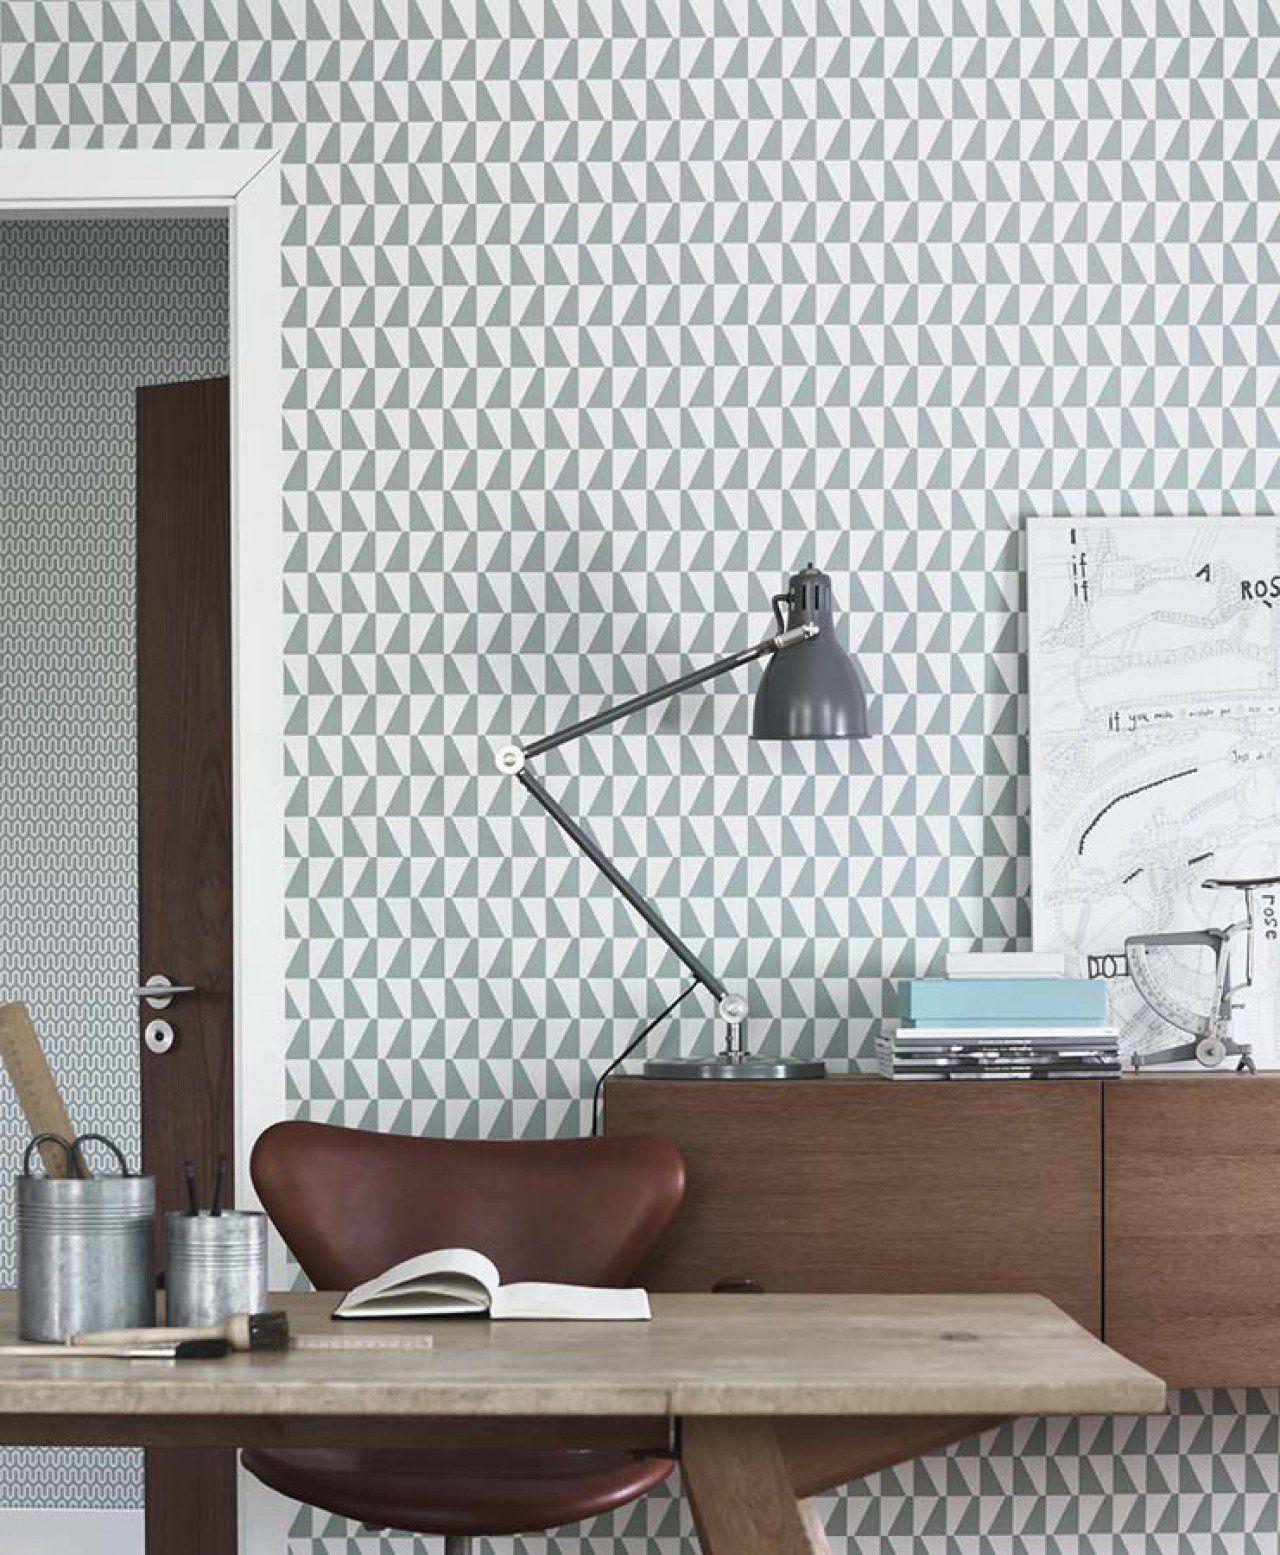 Skandinavische Tapeten Muster : Scandinavian Wallpaper